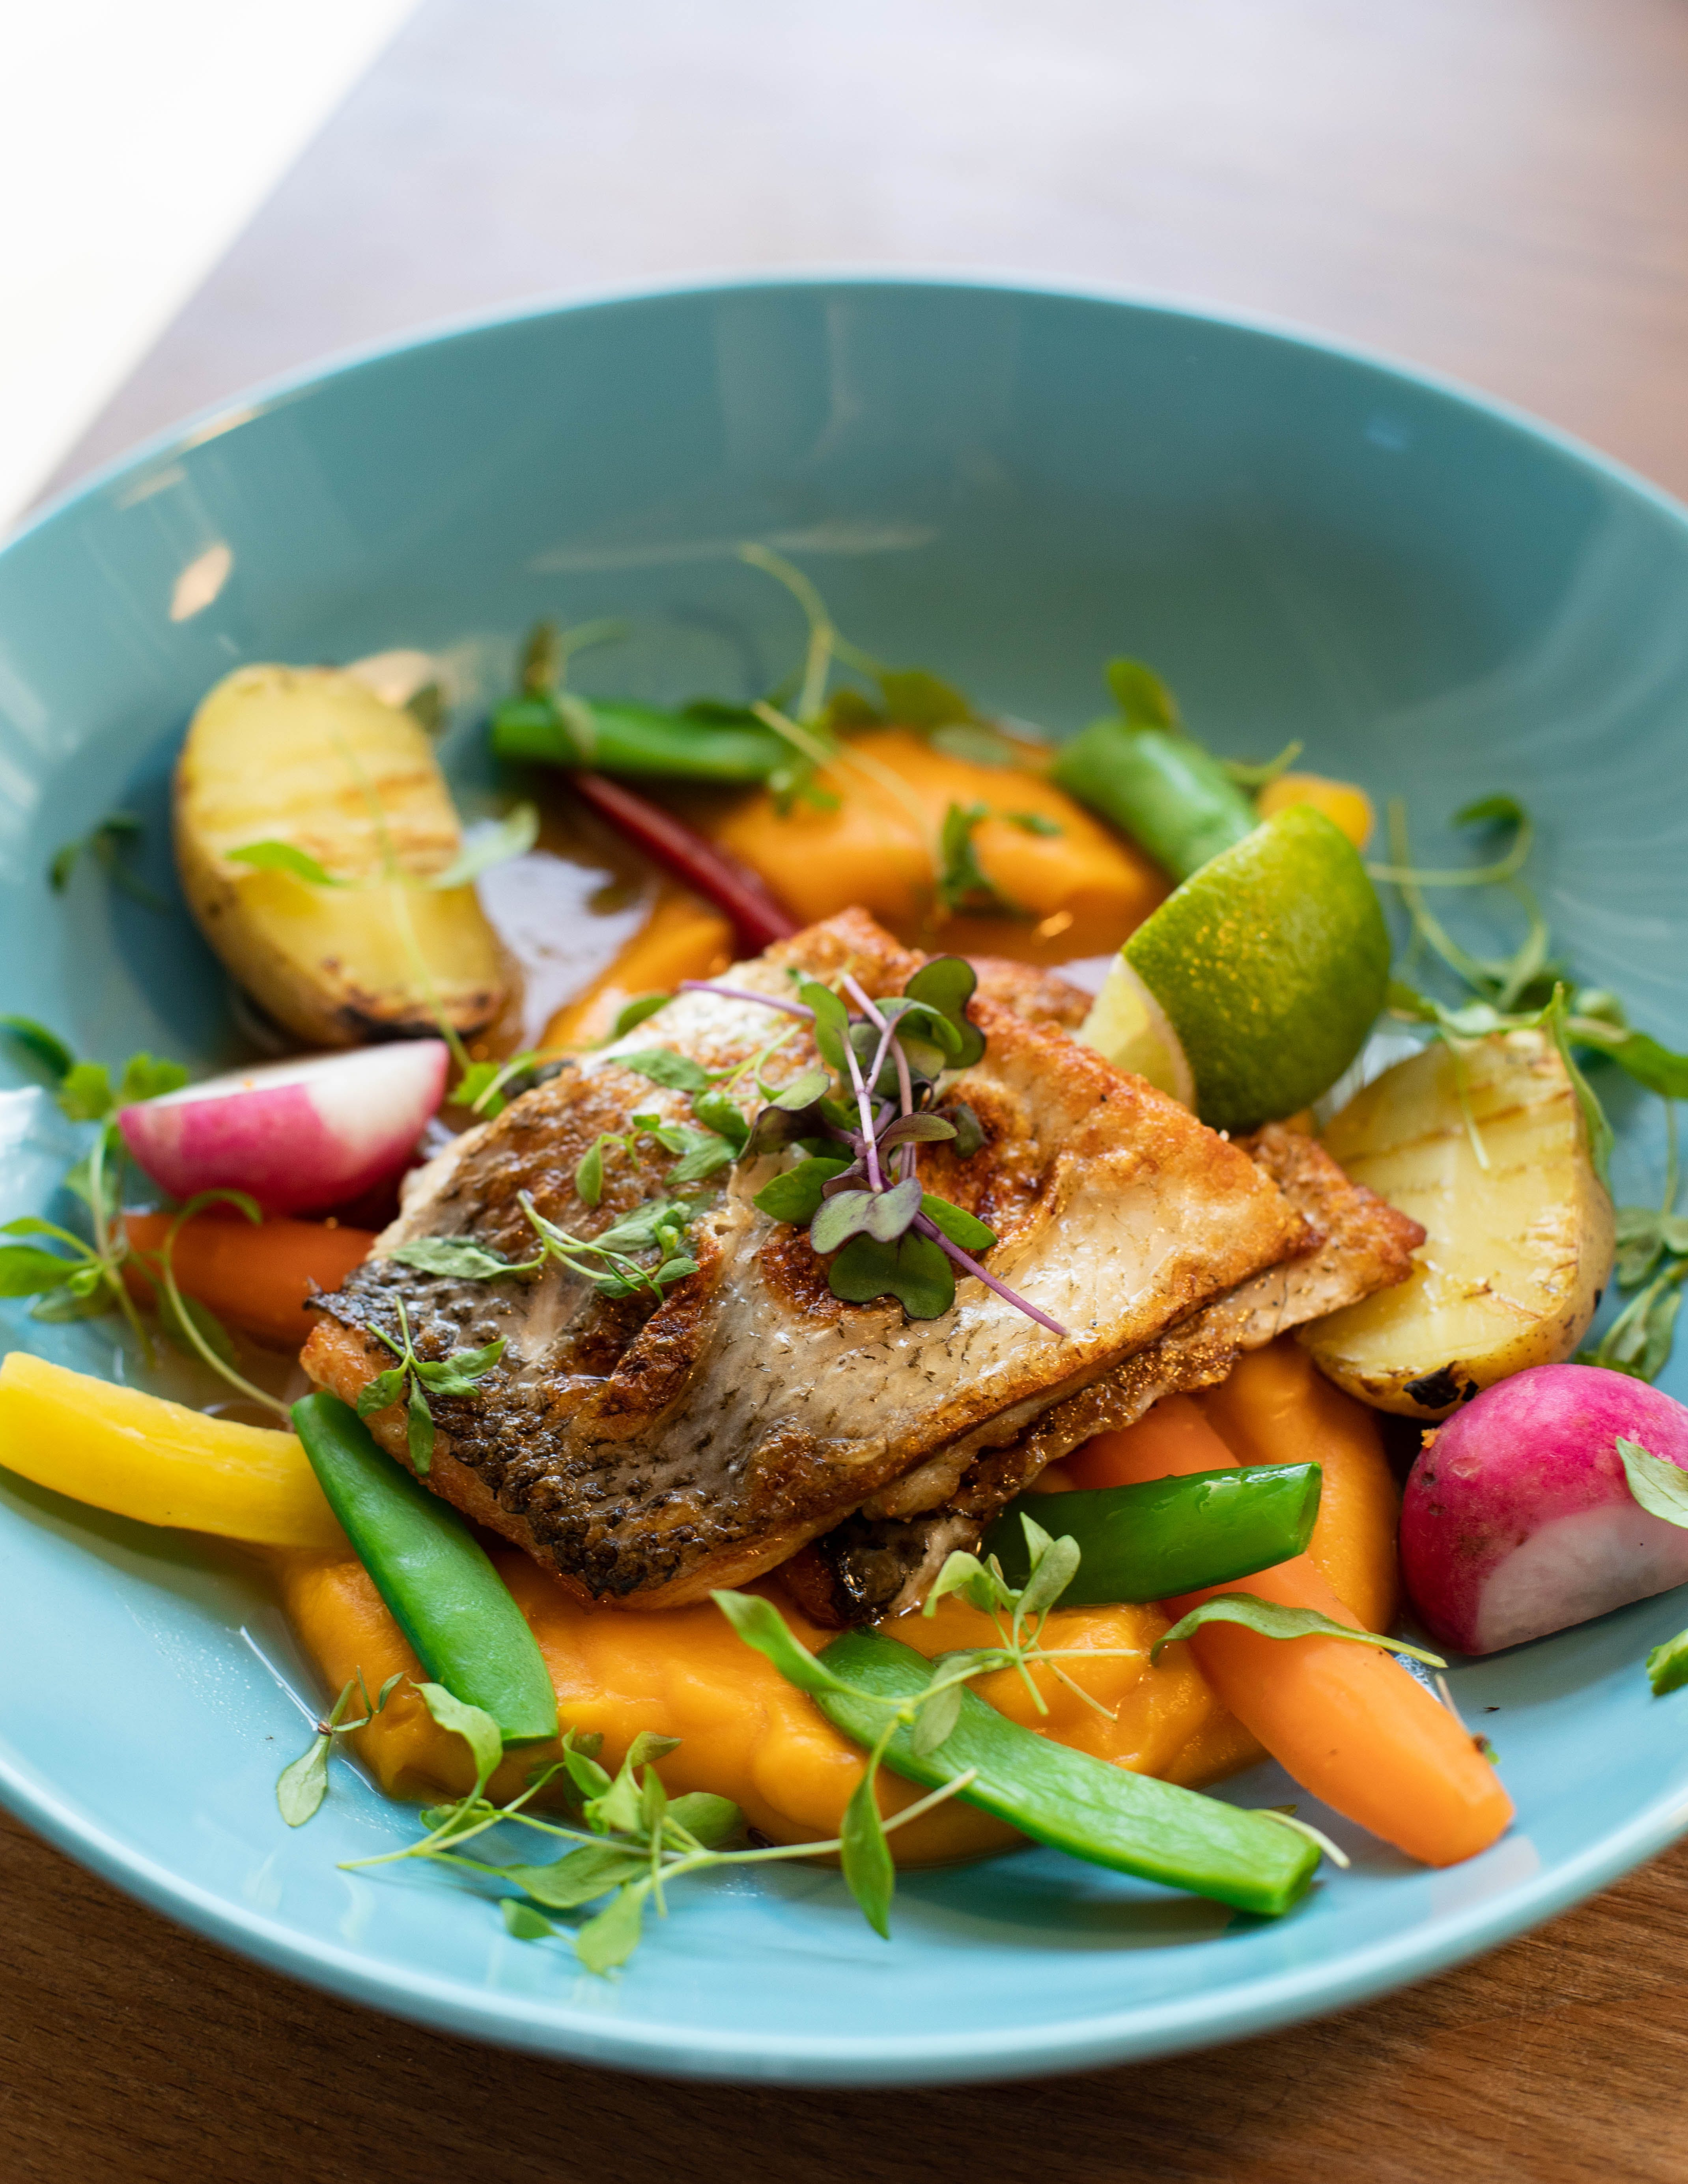 Gratis lagerfoto af close-up, cuisine, delikat, frokost